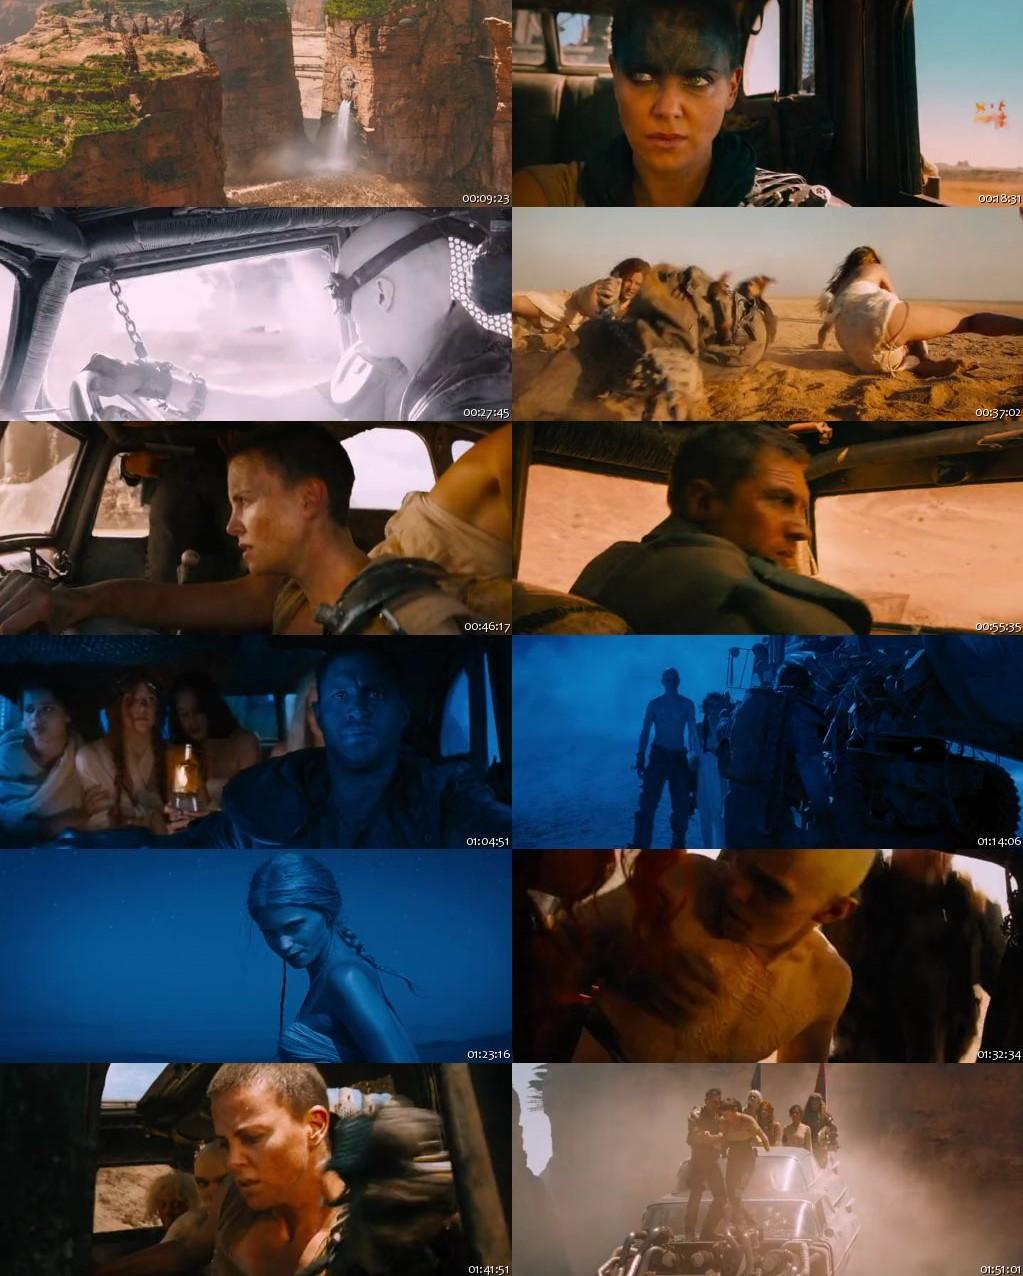 Mad Max: Fury Road 2015 BRRip 480p 300Mb [Hindi-English]